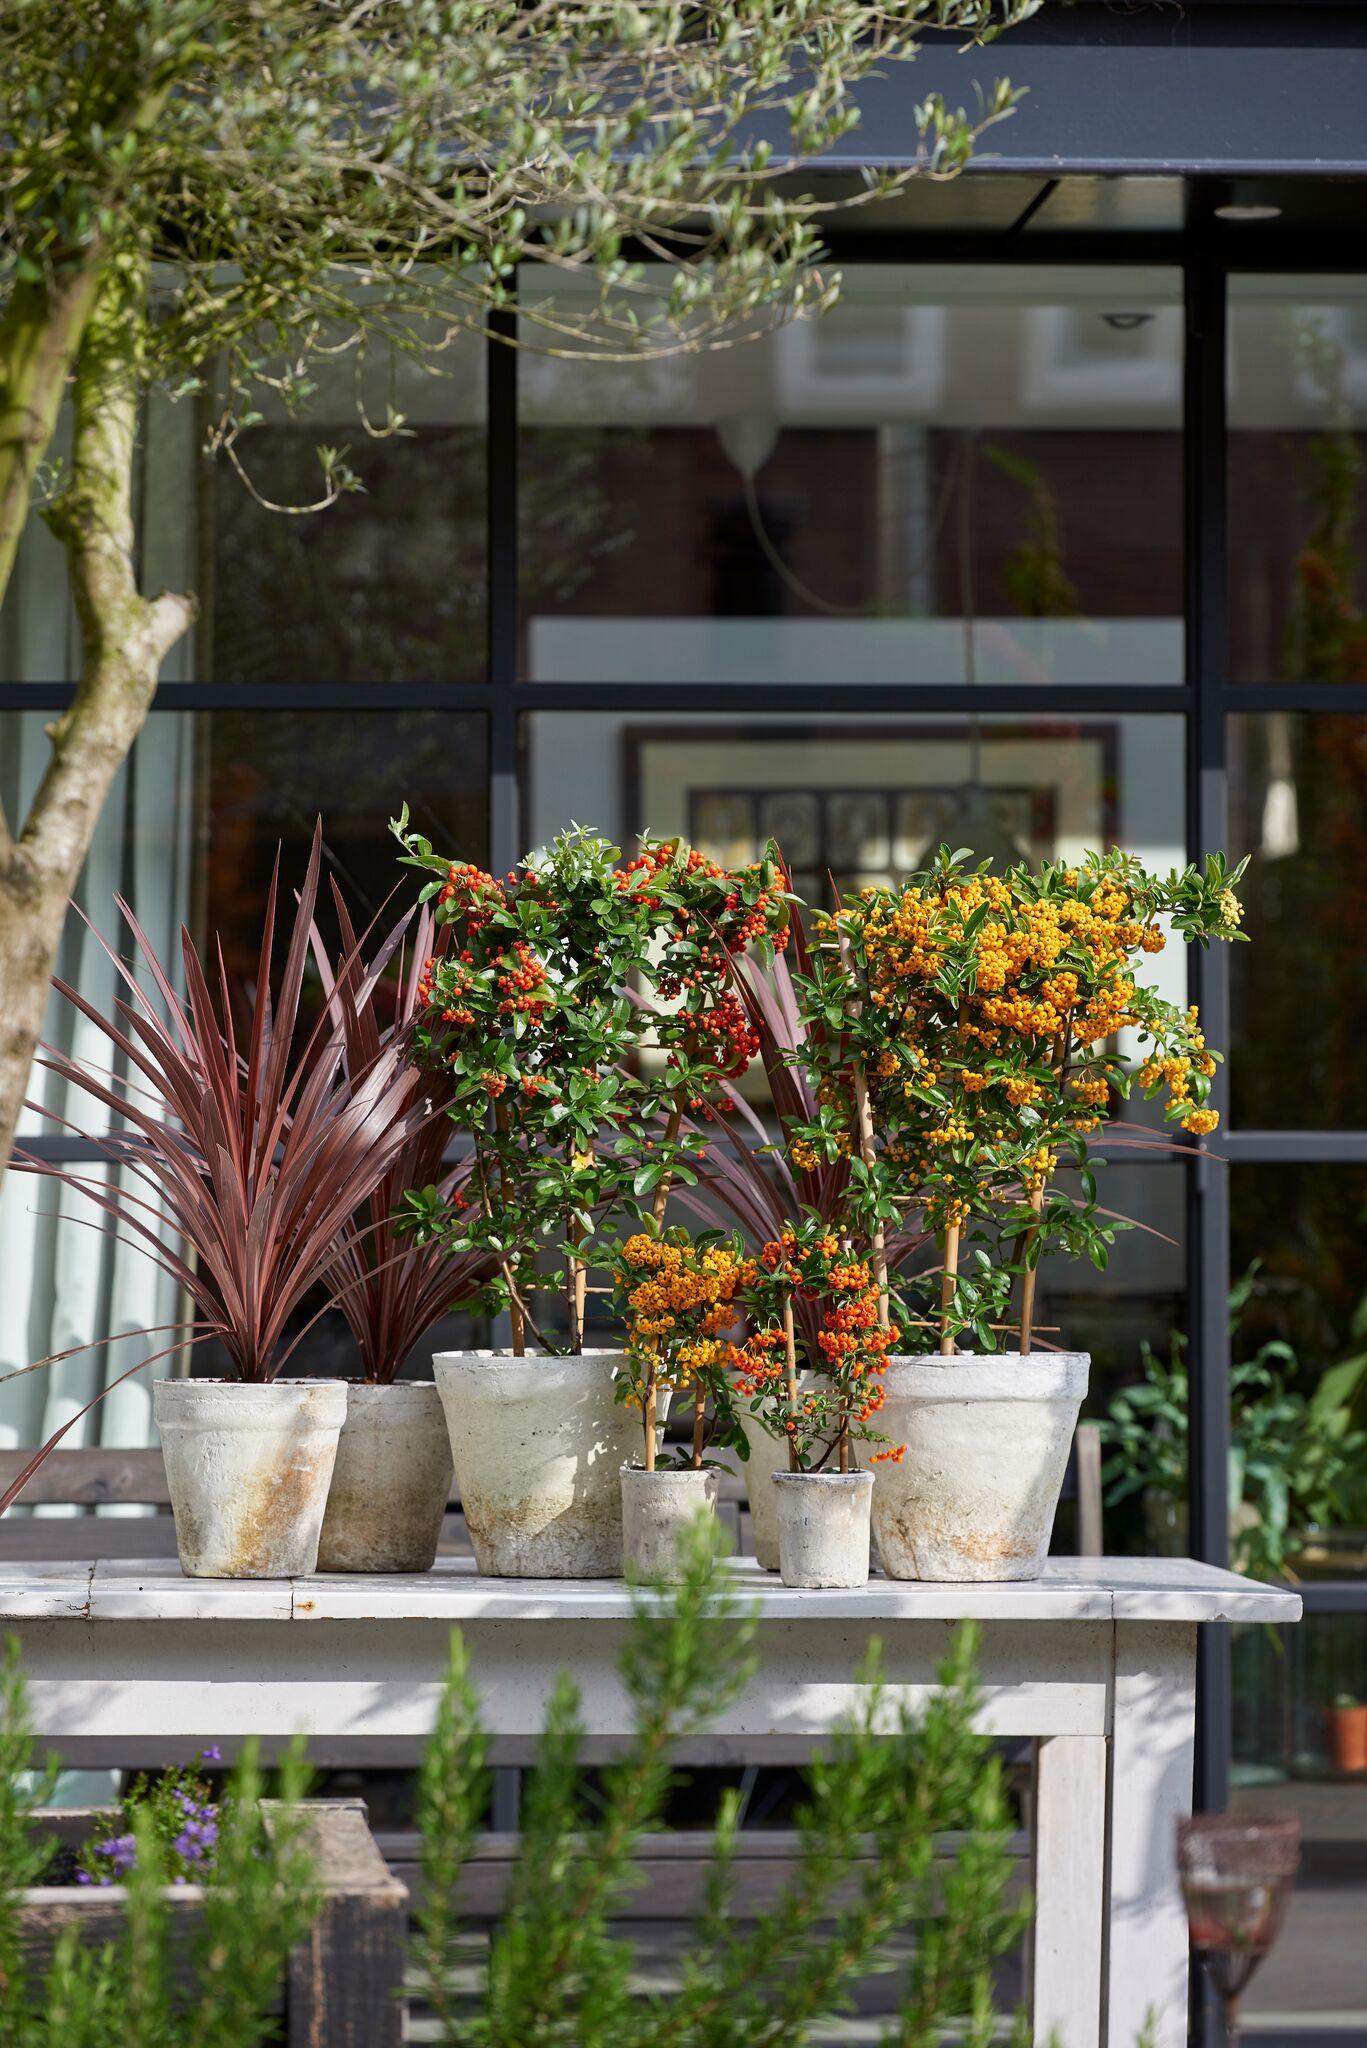 Tuinplant voor herfst en winter #winterwonderland #tuinplant #vuurdoorn #tuin #Tuininspiratie